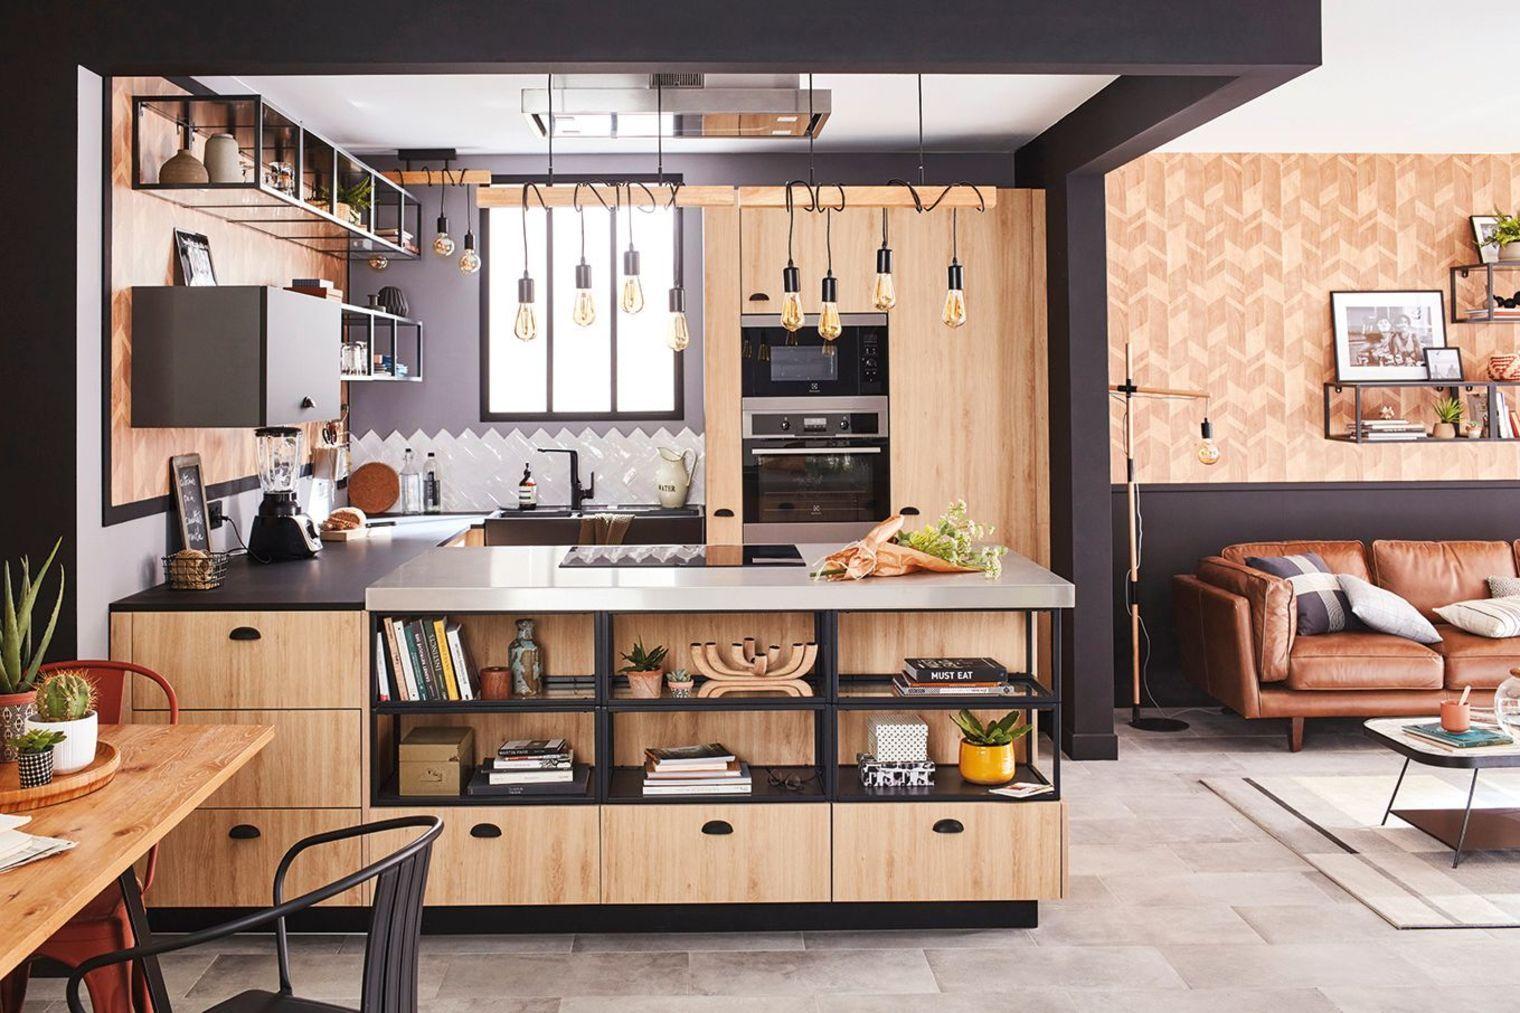 Cuisine En Bois Selection Et Conseils Futur Home Idea Cuisine Bois Cuisine Metal Et Cuisine Noire Et Bois